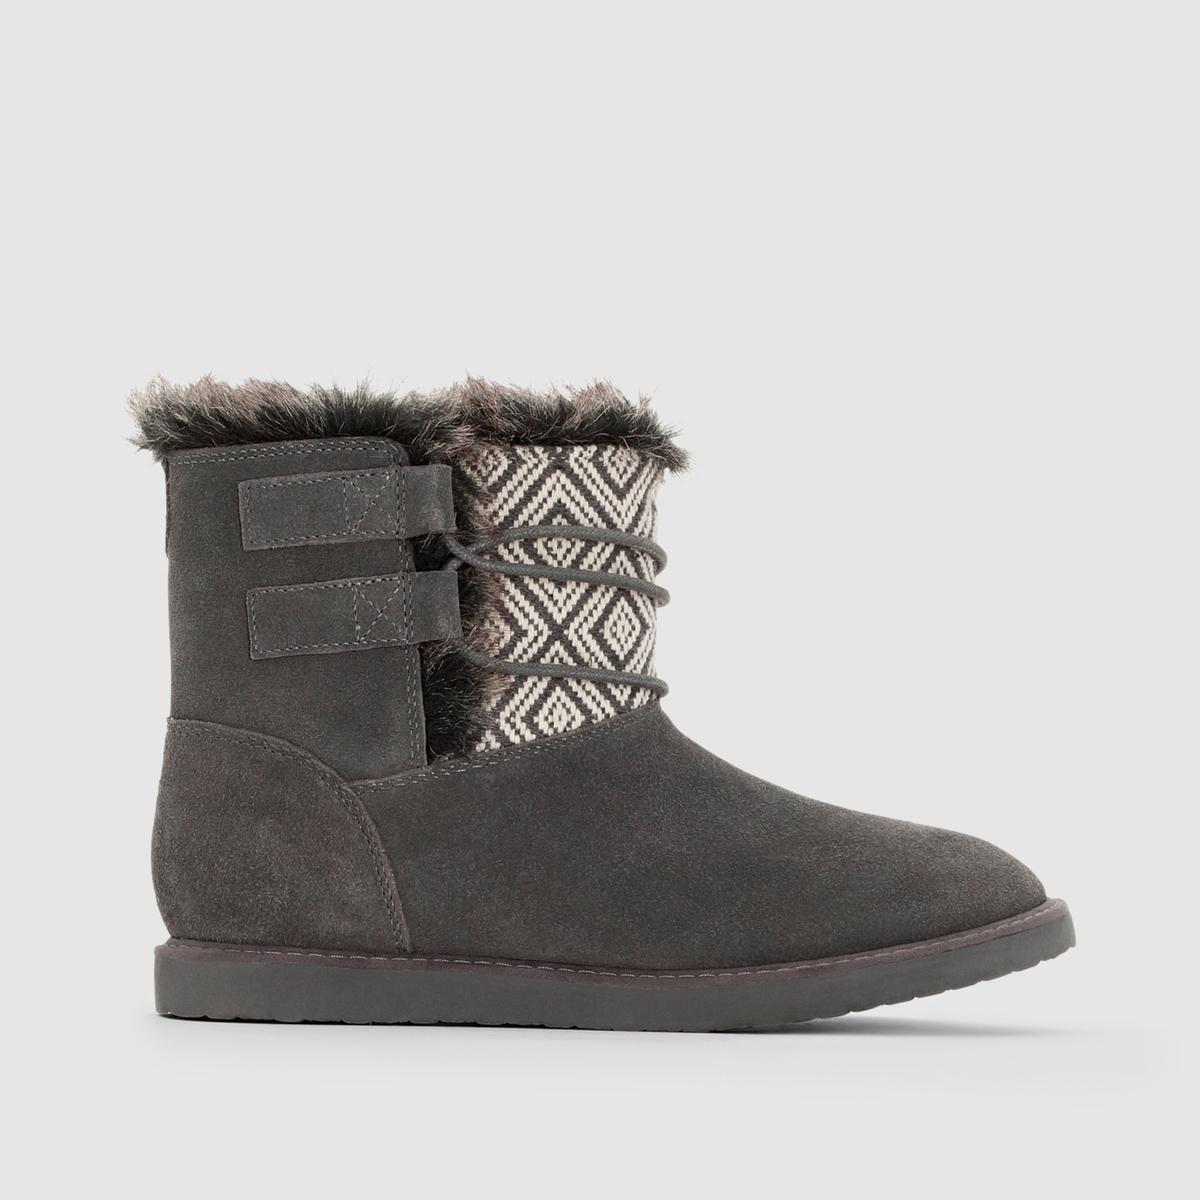 Сапоги  ROXY TARA J BOOT CHRПреимущества : сапоги ROXY на каблуке и шнуровке для модного стиля и полного комфорта   .<br><br>Цвет: угольный<br>Размер: 38